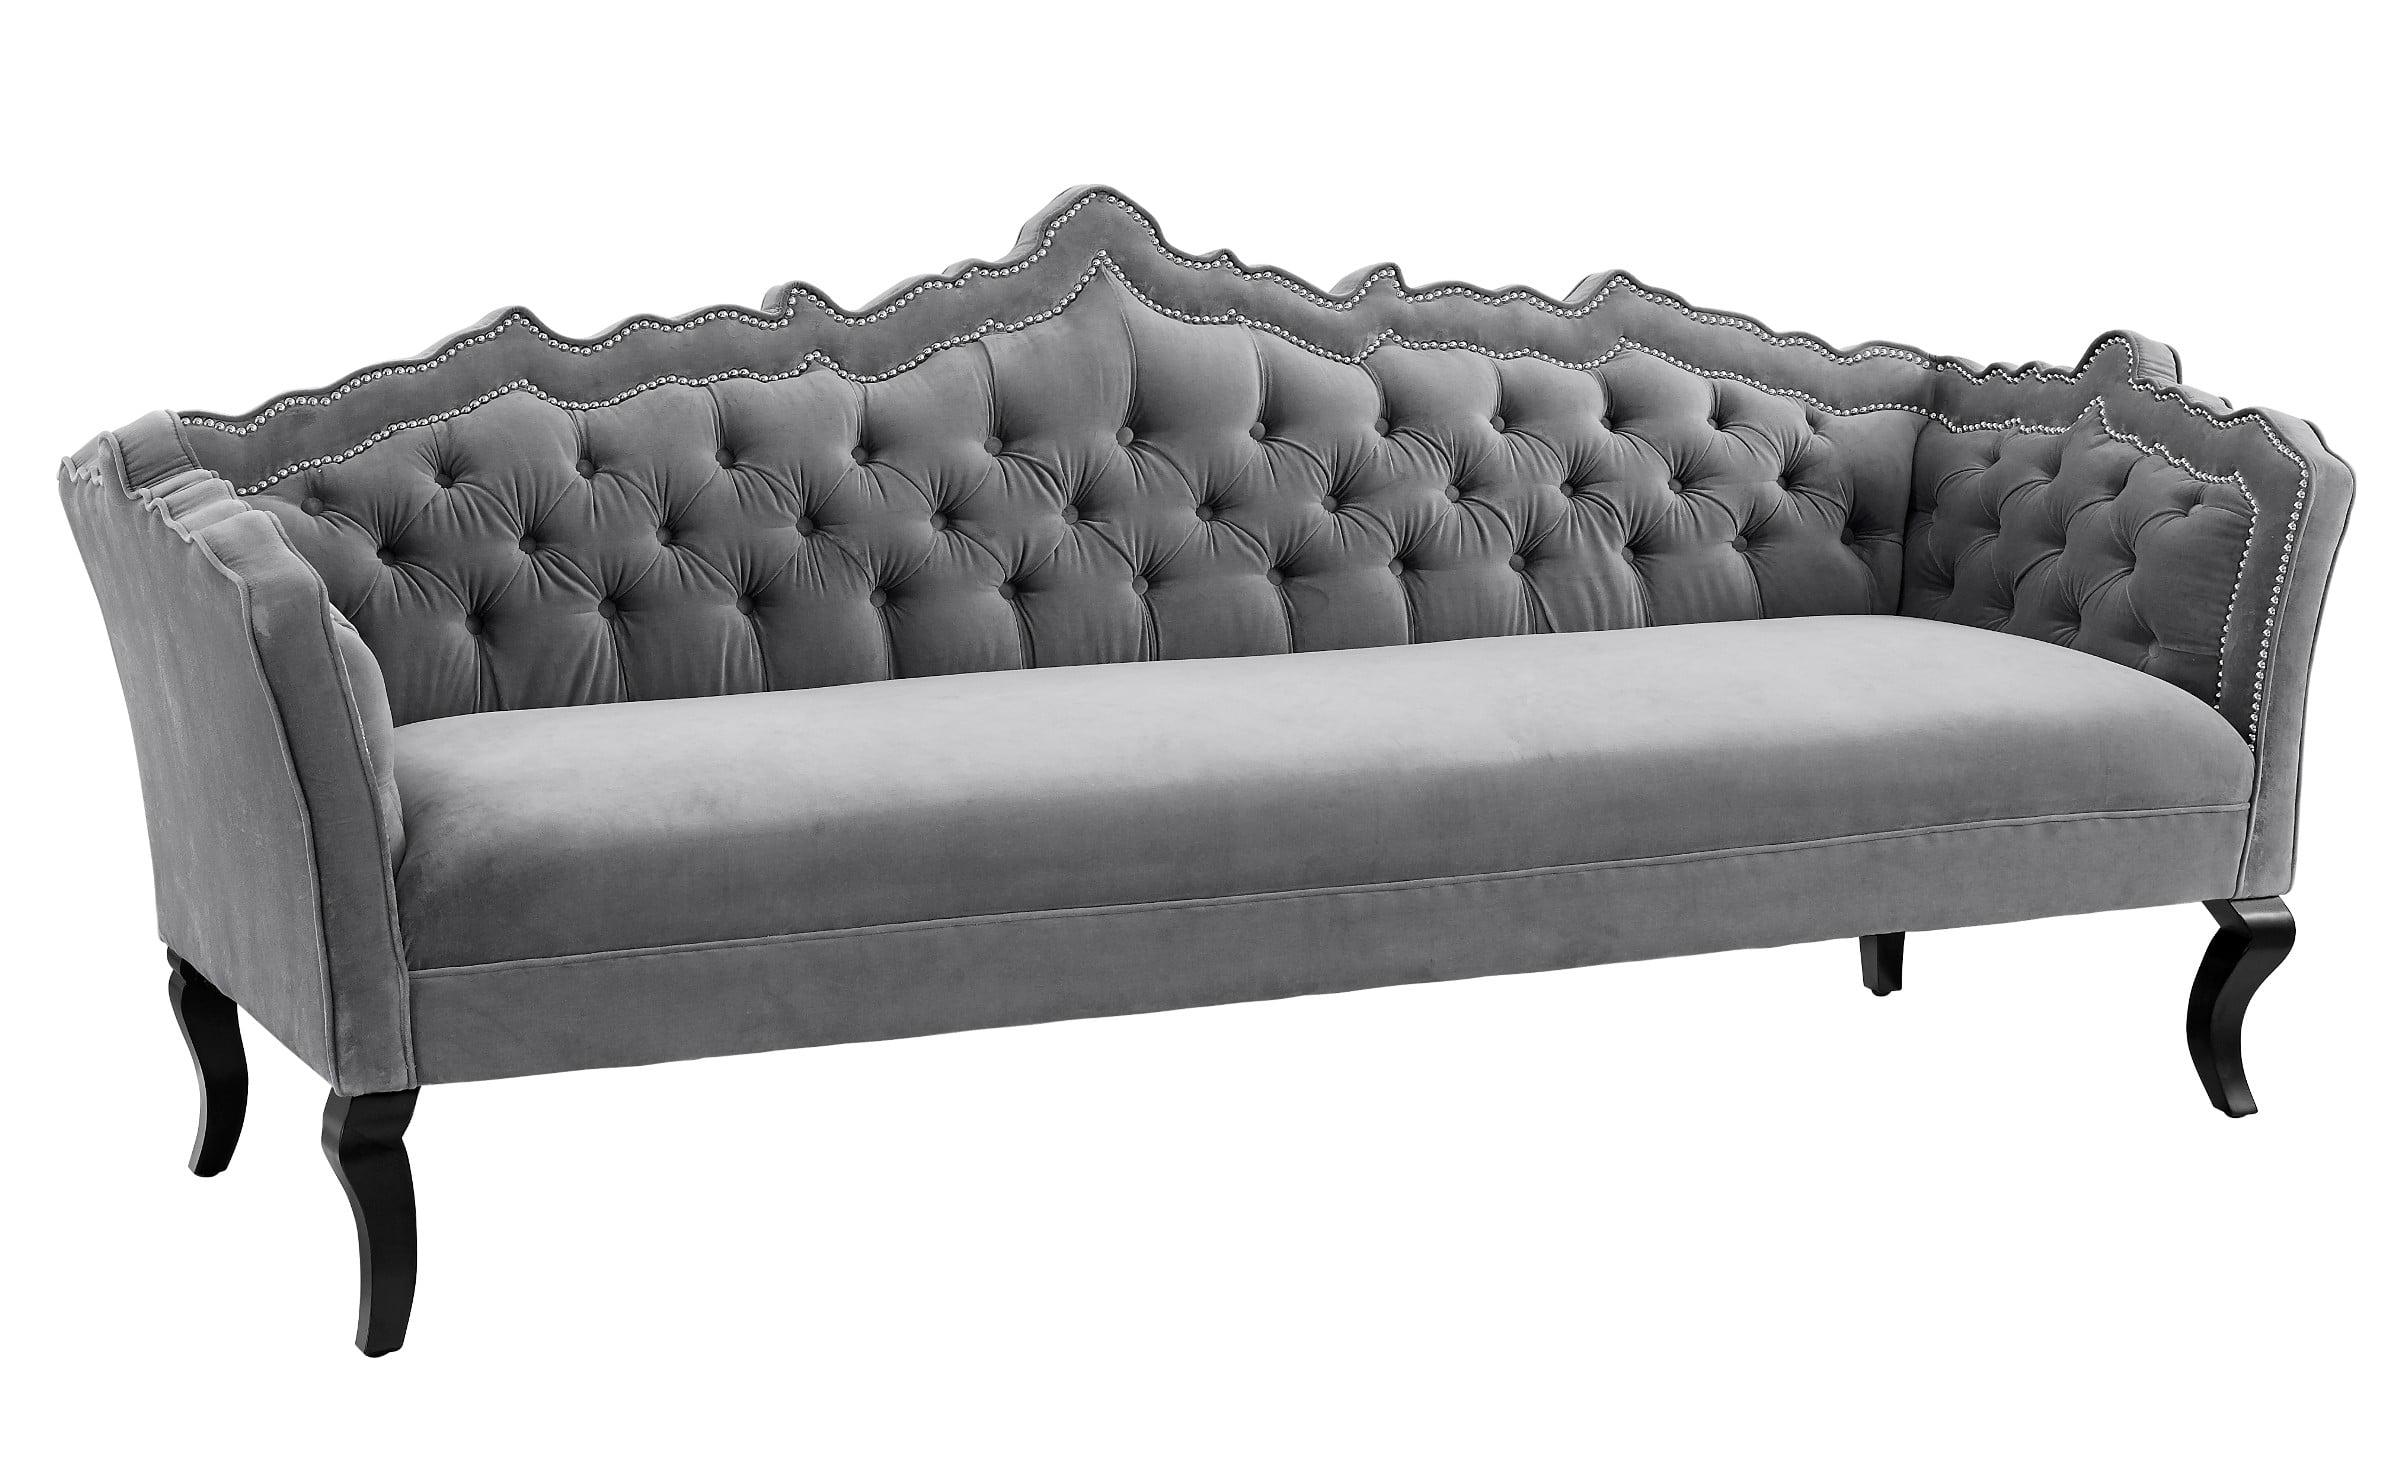 brooks grey velvet sofa from tov s44 coleman furniture. Black Bedroom Furniture Sets. Home Design Ideas